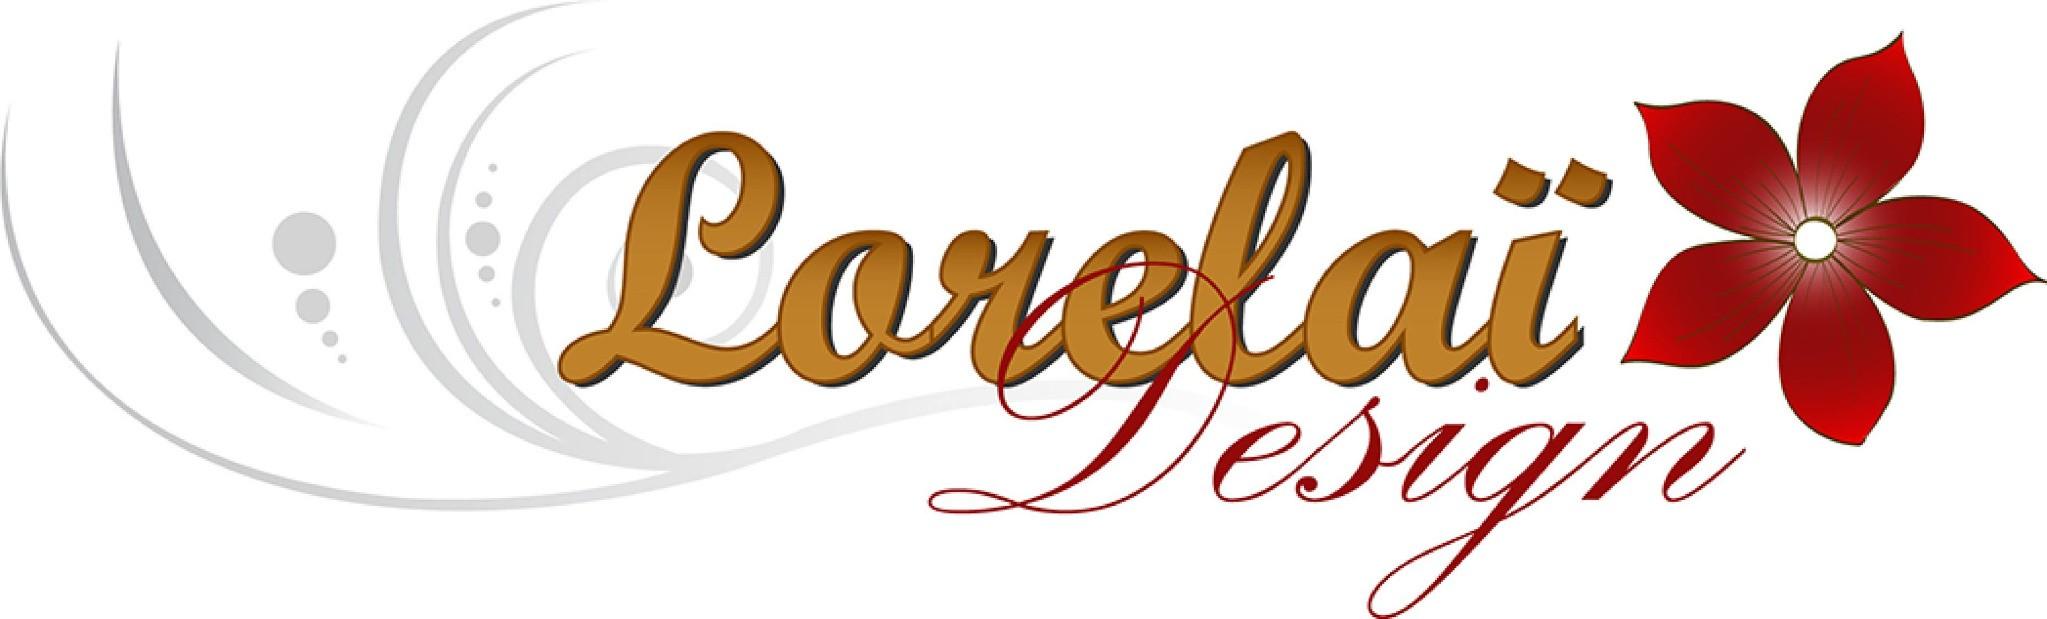 Lorelei Design